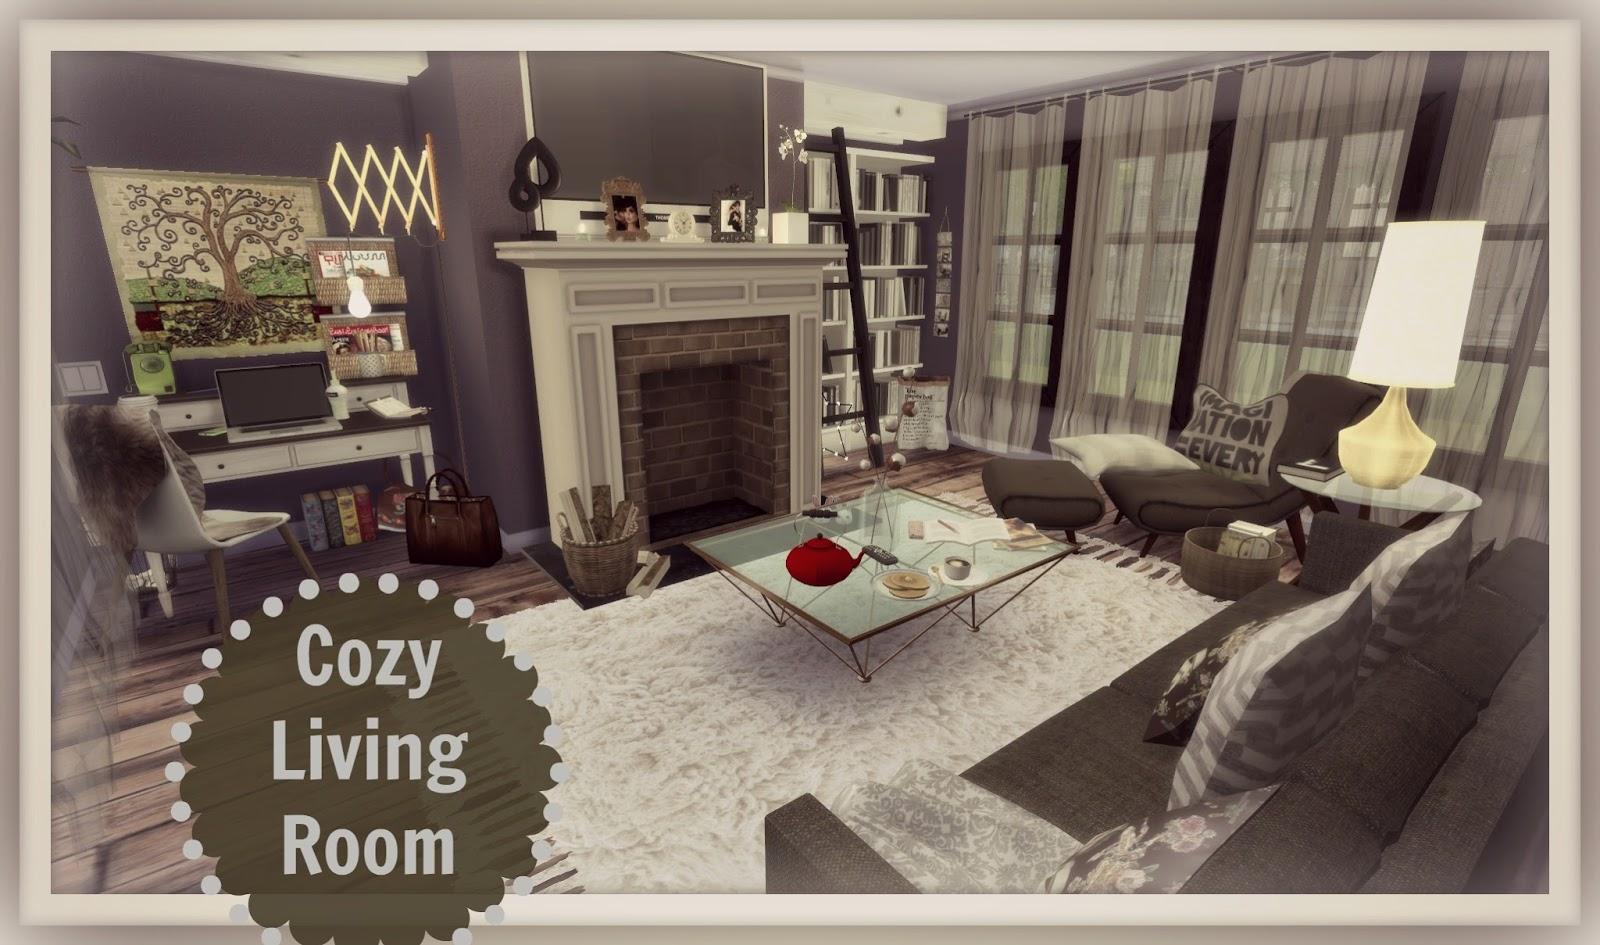 Sims 4 - Cozy Living Room - Dinha